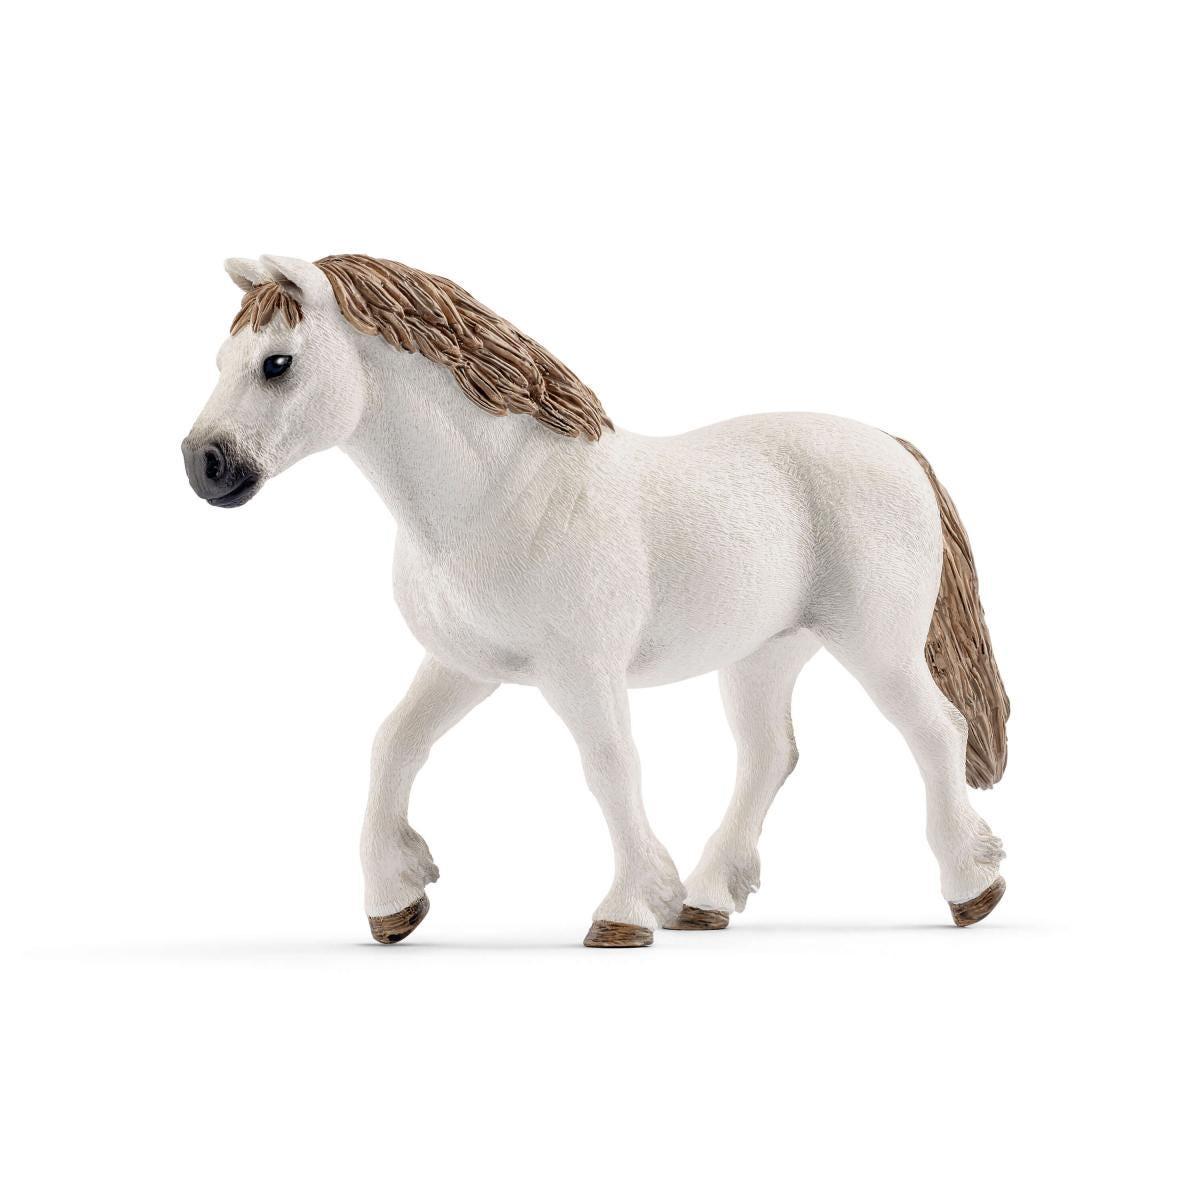 Welsh Pony Mare 13872 Farm World Schleich Gmbh